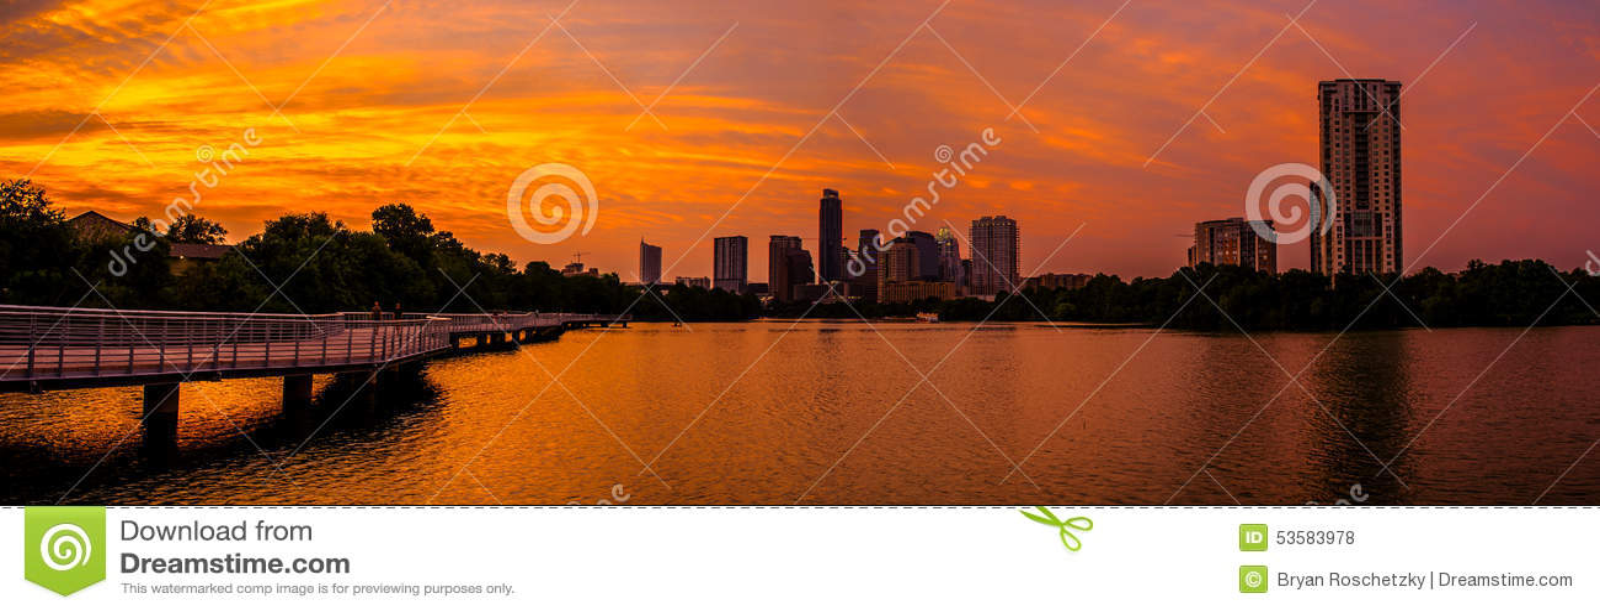 Briljant en gång i en livstid Austin Skyline Sunset av röd och orange himmel